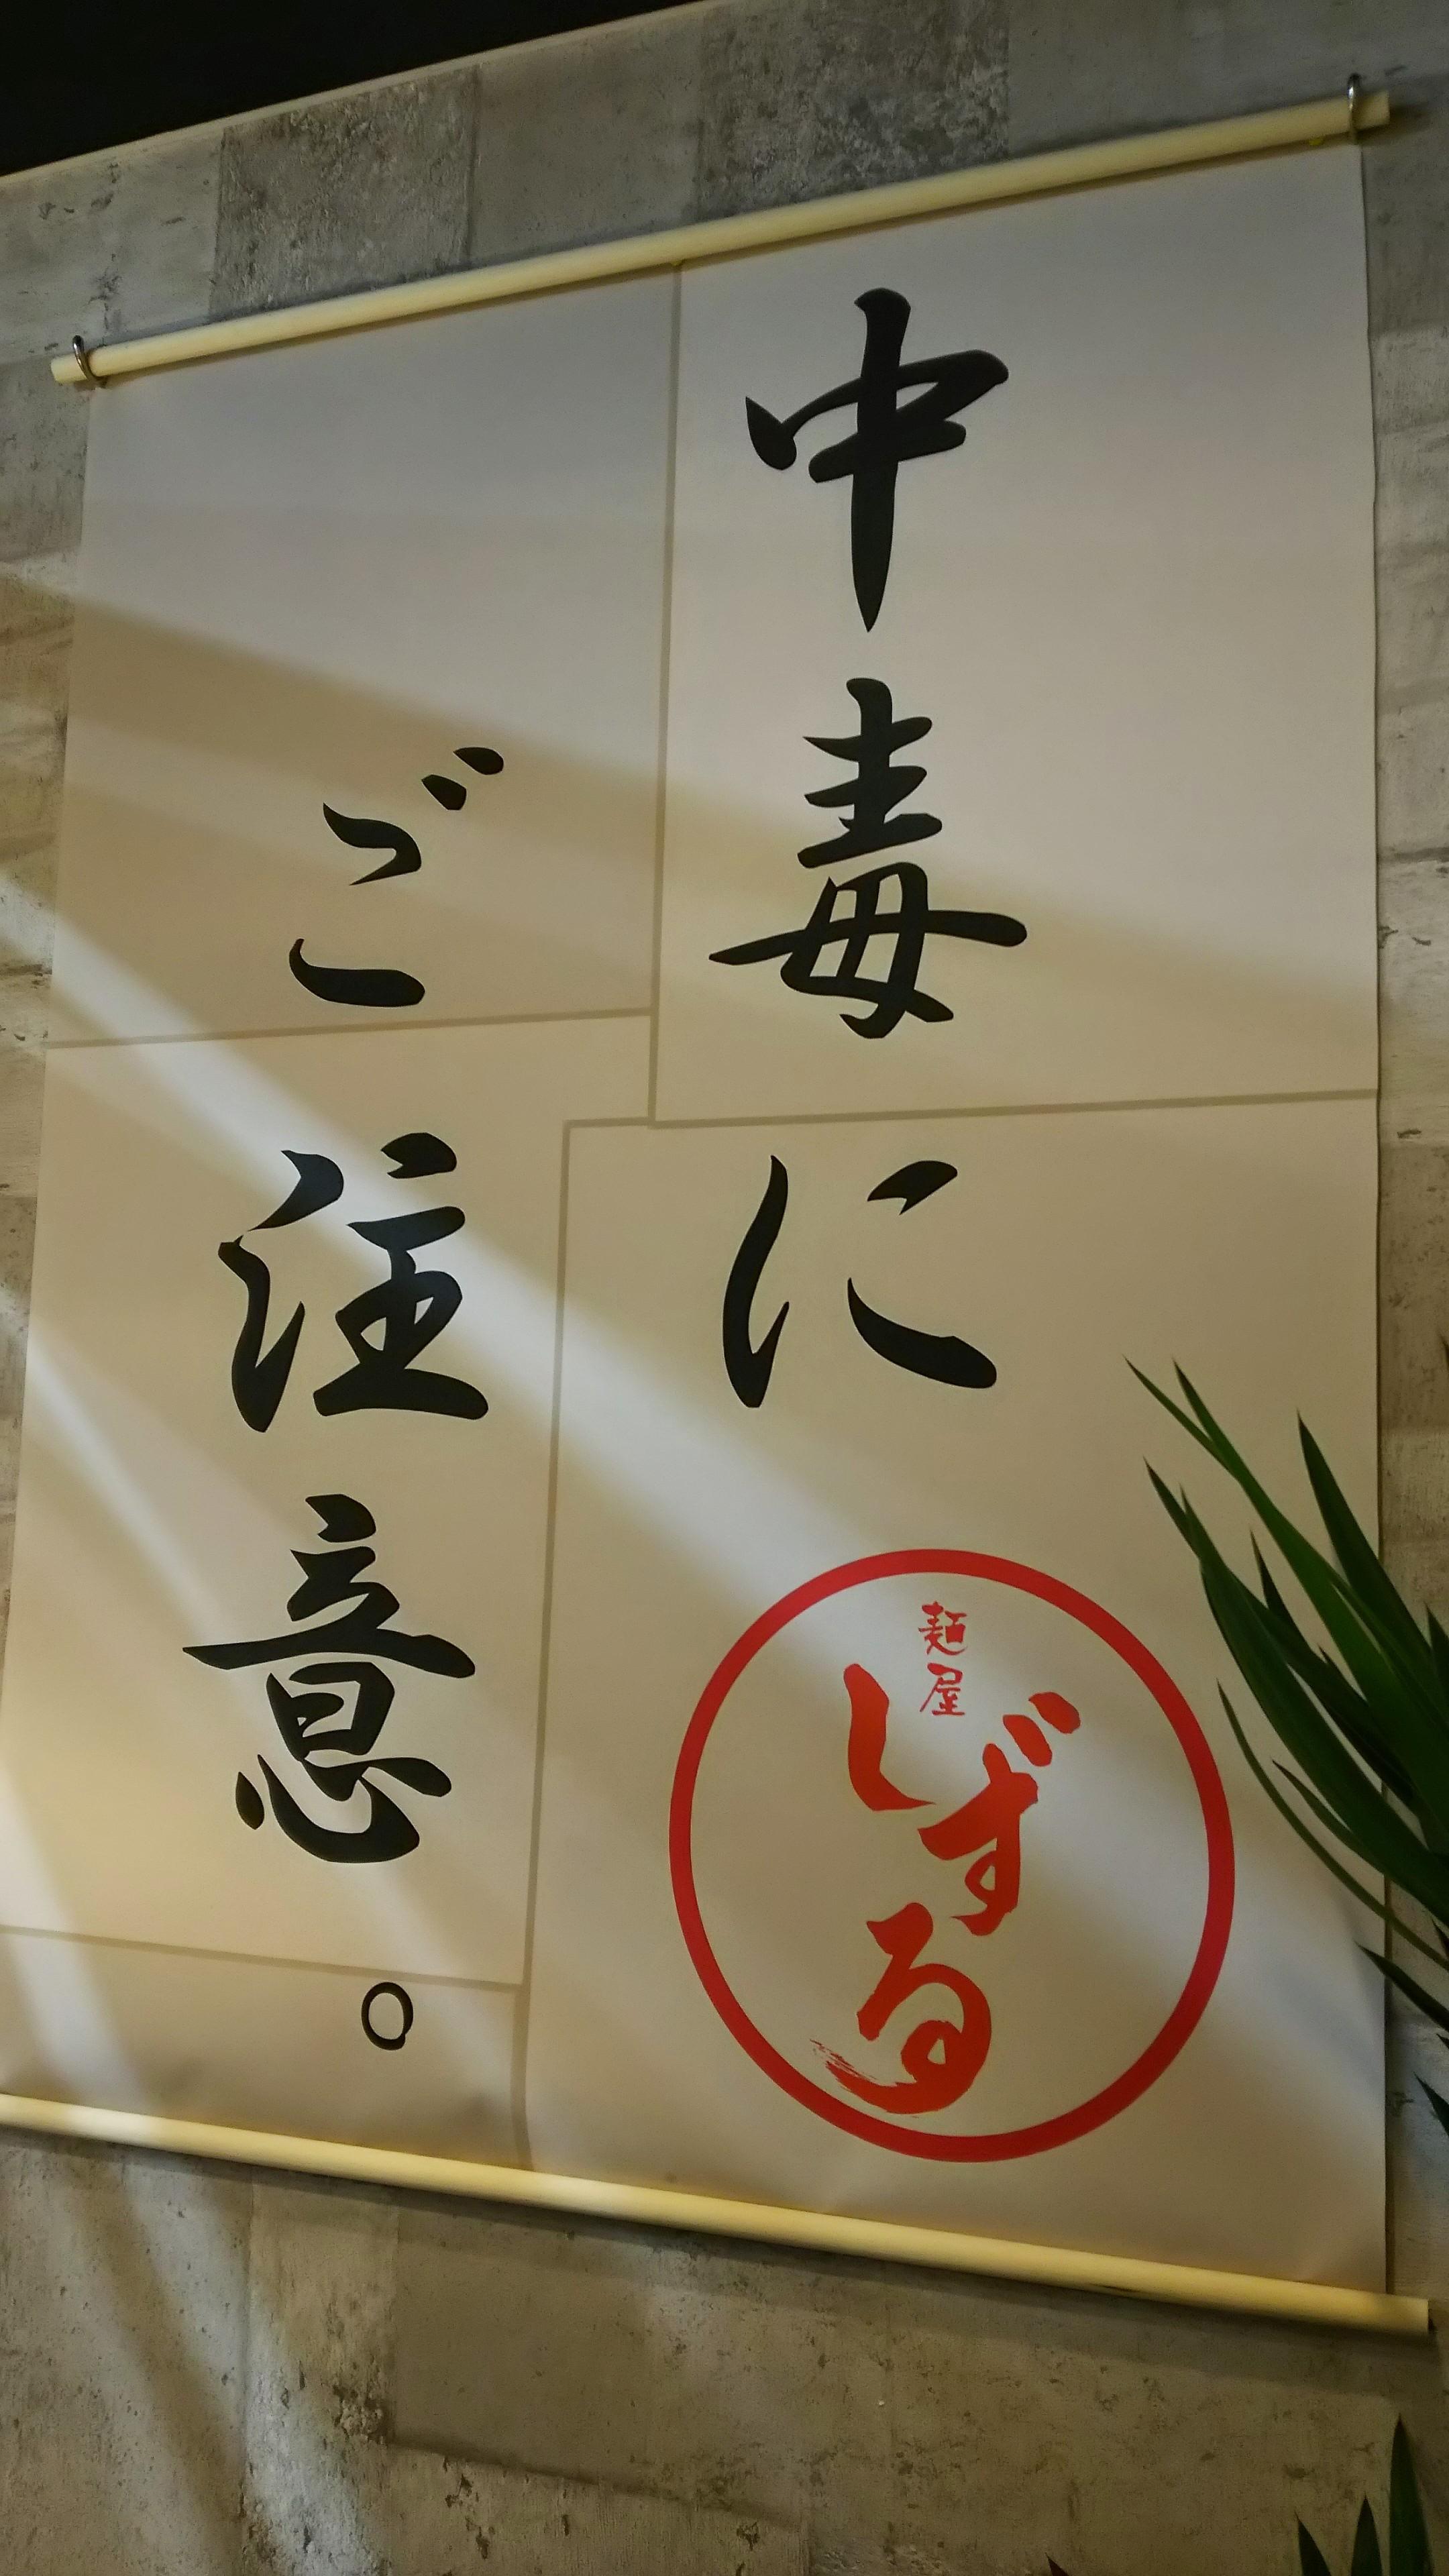 【レビュー】豊田市福受町 しずる 豊田福寿店に行ってきた